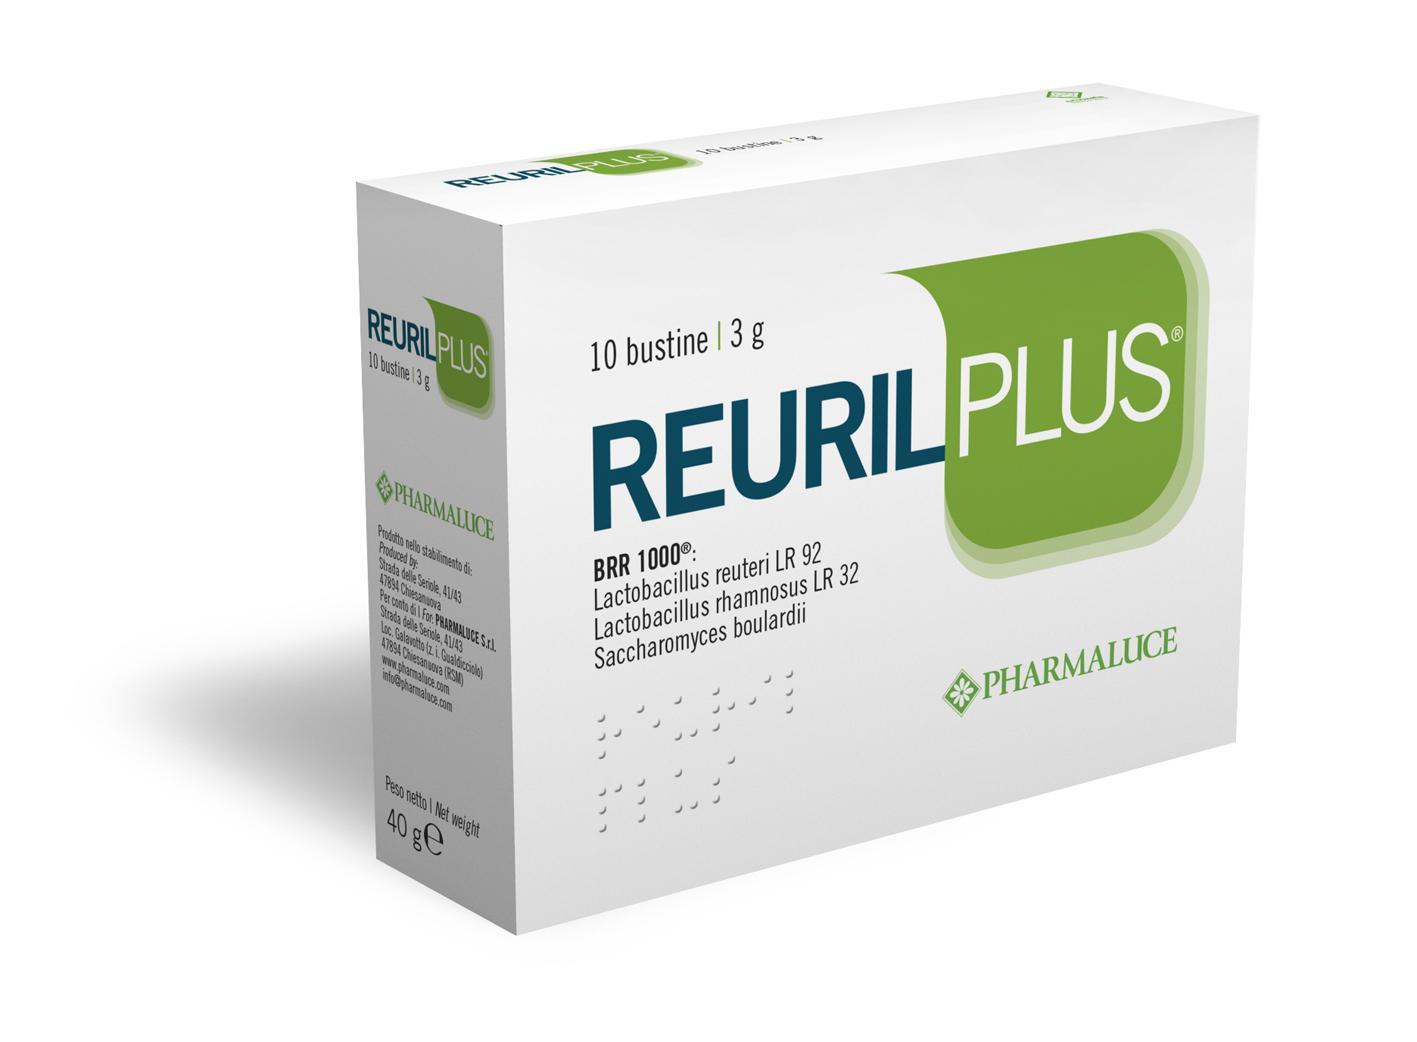 REURIL PLUS 10 bustine